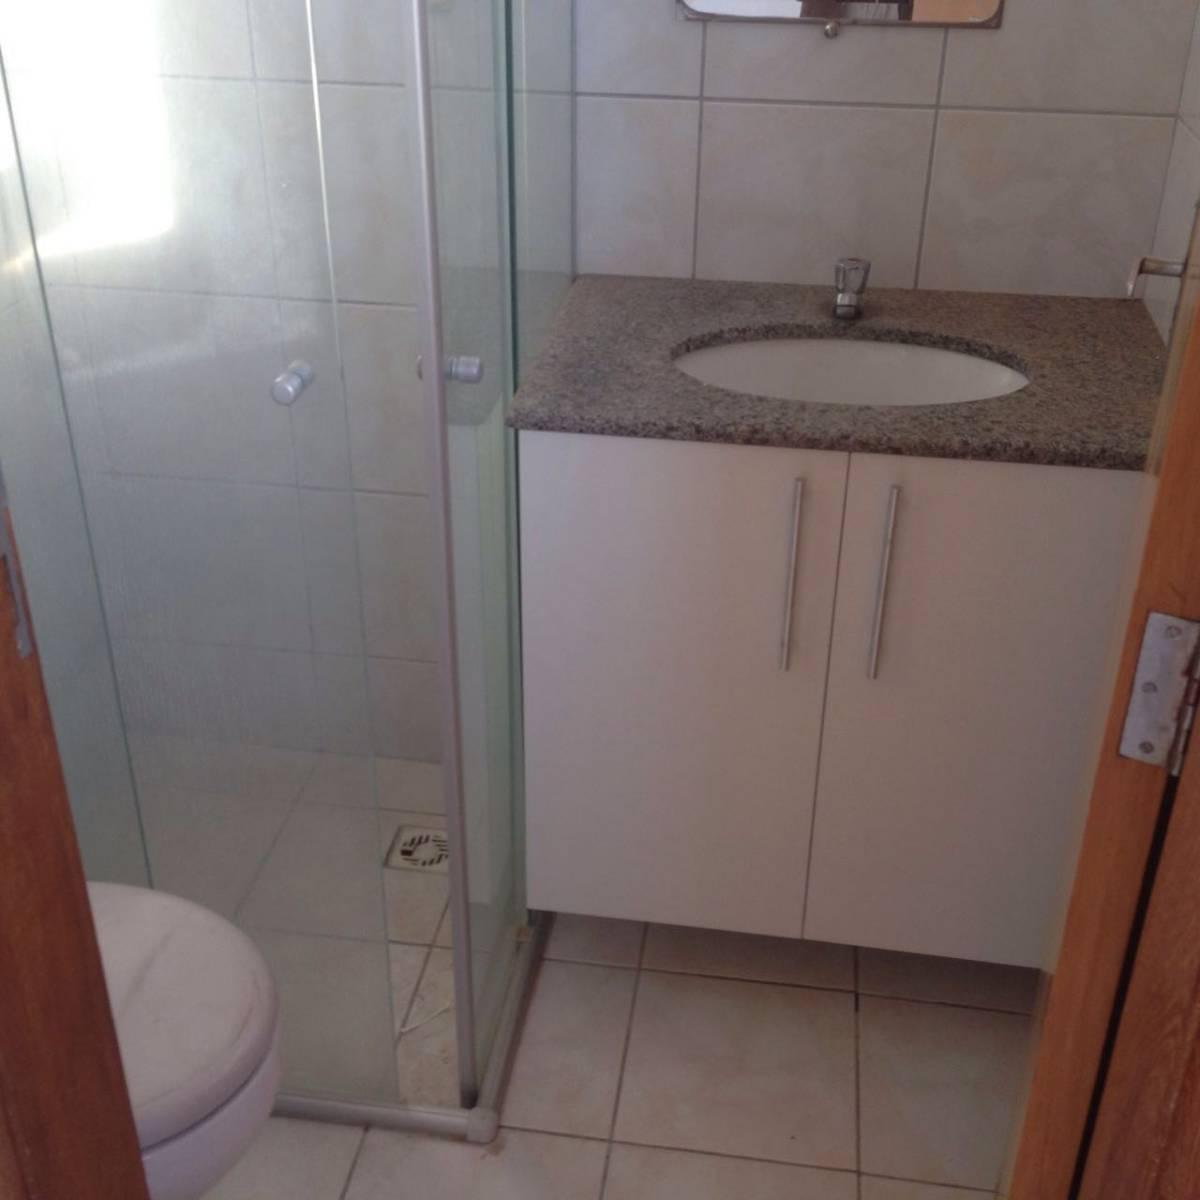 02 quartos sendo uma suíte piso de cerâmica sala para 2 ambientes #613F35 1200x1200 Balança De Banheiro Belo Horizonte